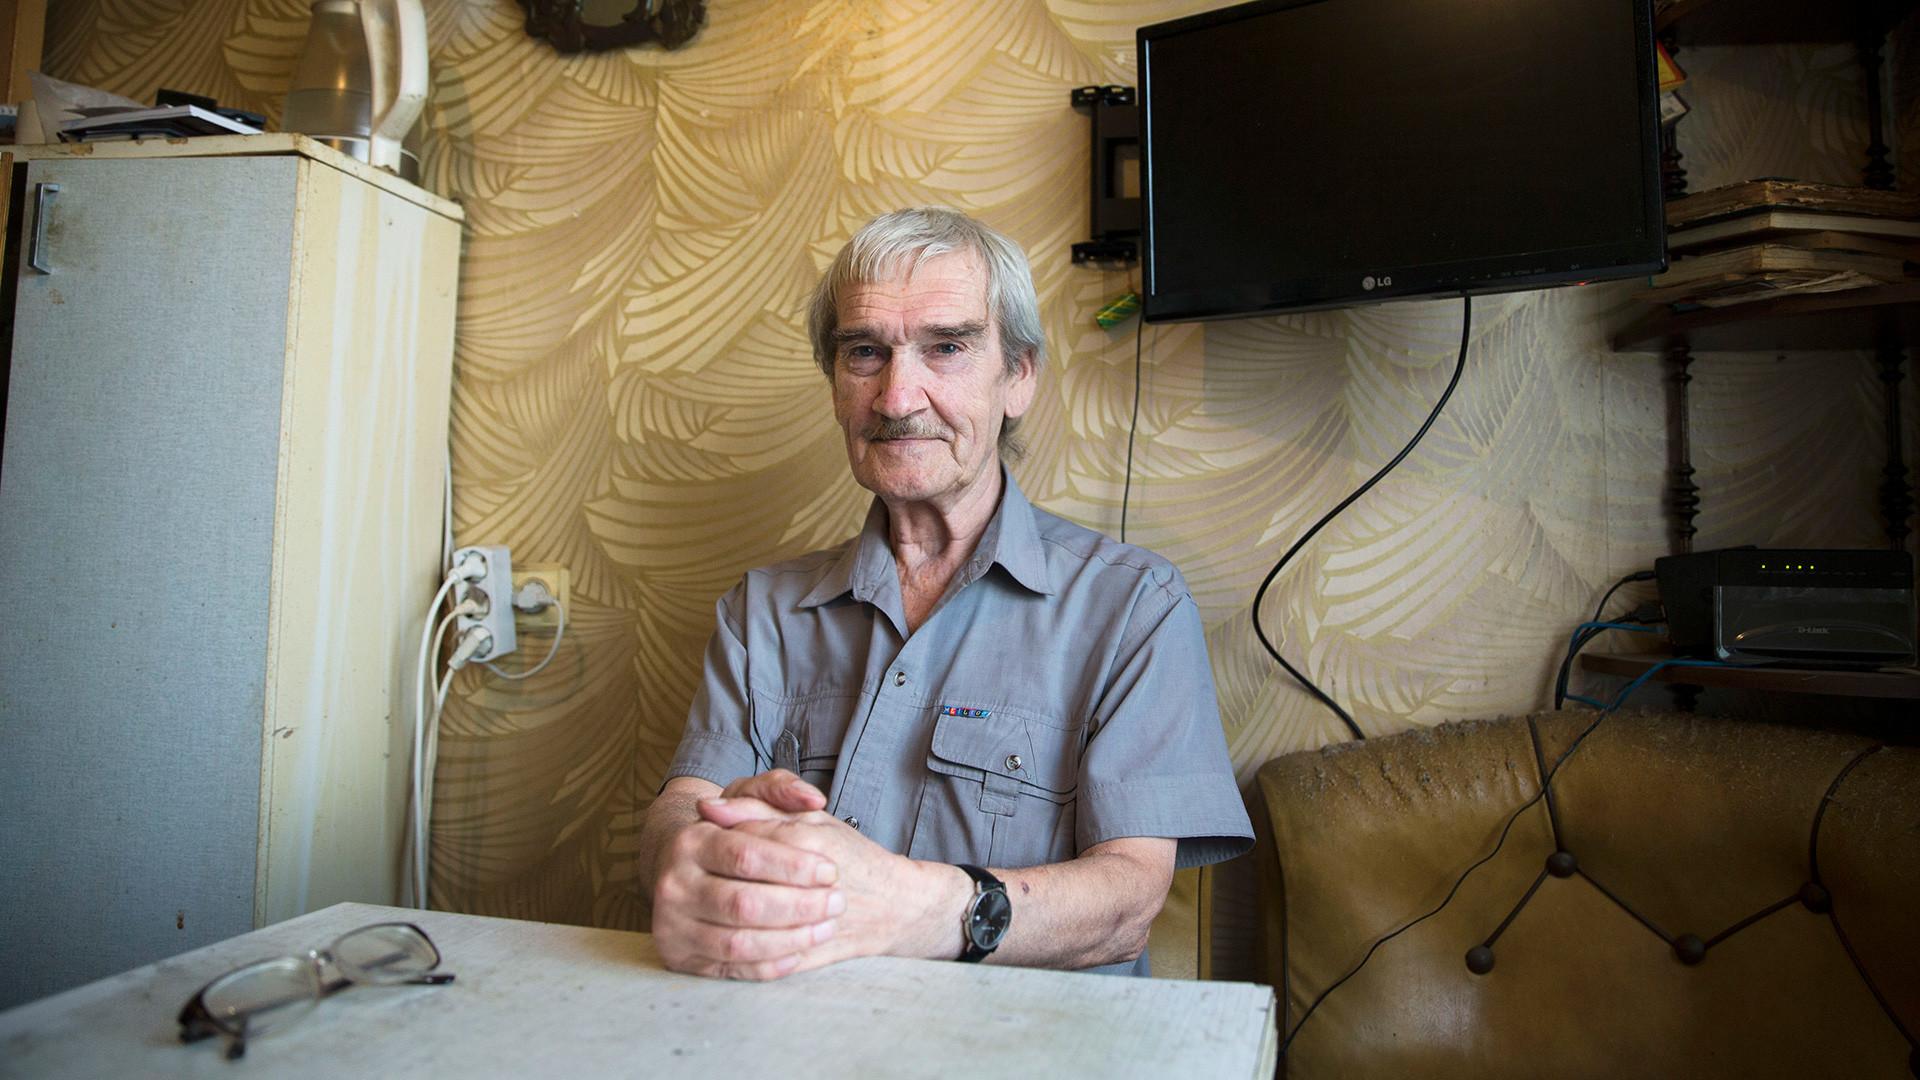 Бивши официр совјетских снага противваздушне одбране позира на фотографији у својој кући у Фрјазину, Московска област, Русија.